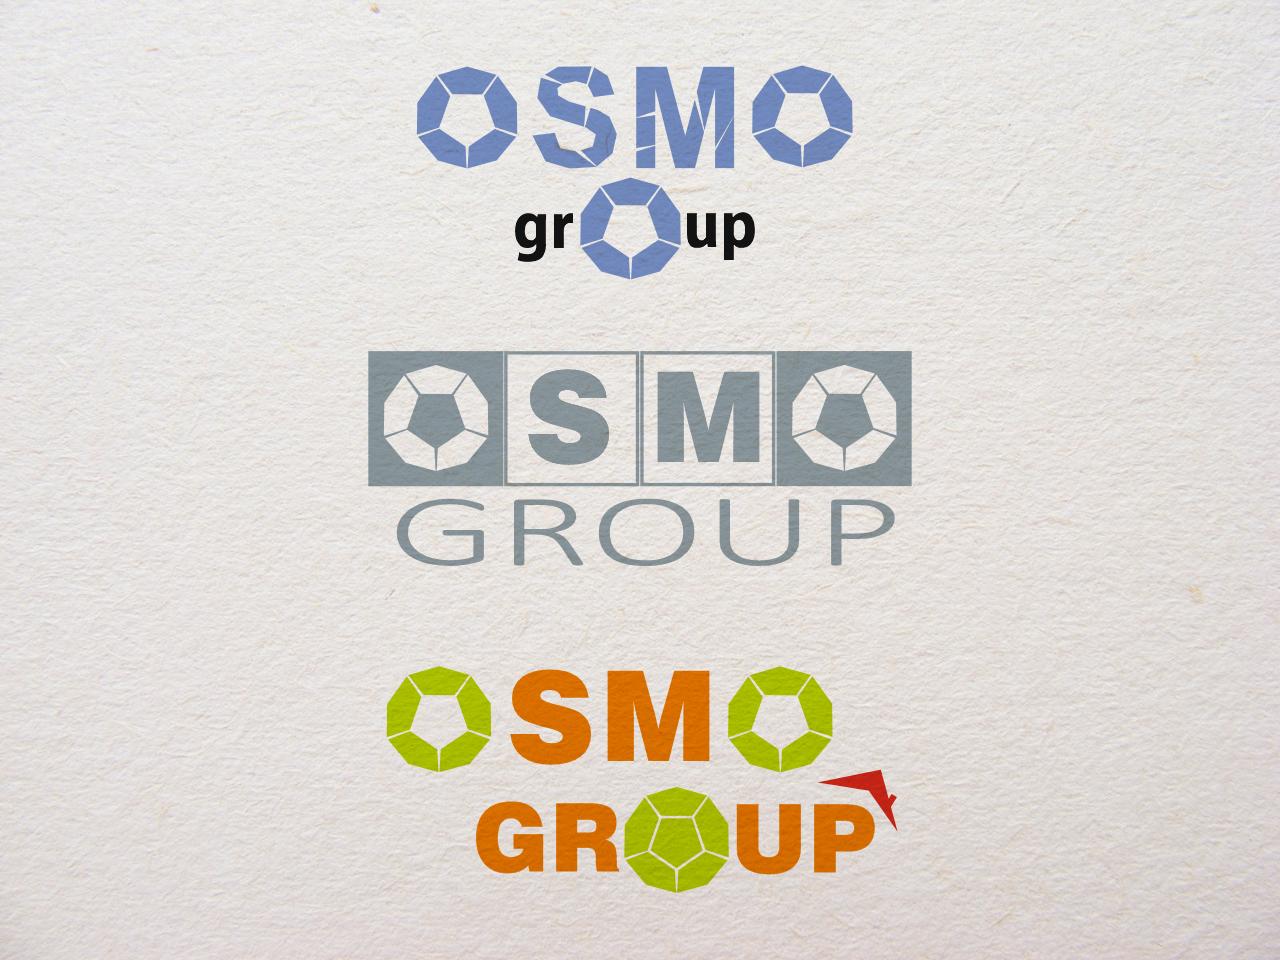 Создание логотипа для строительной компании OSMO group  фото f_60659b411690bd9d.jpg